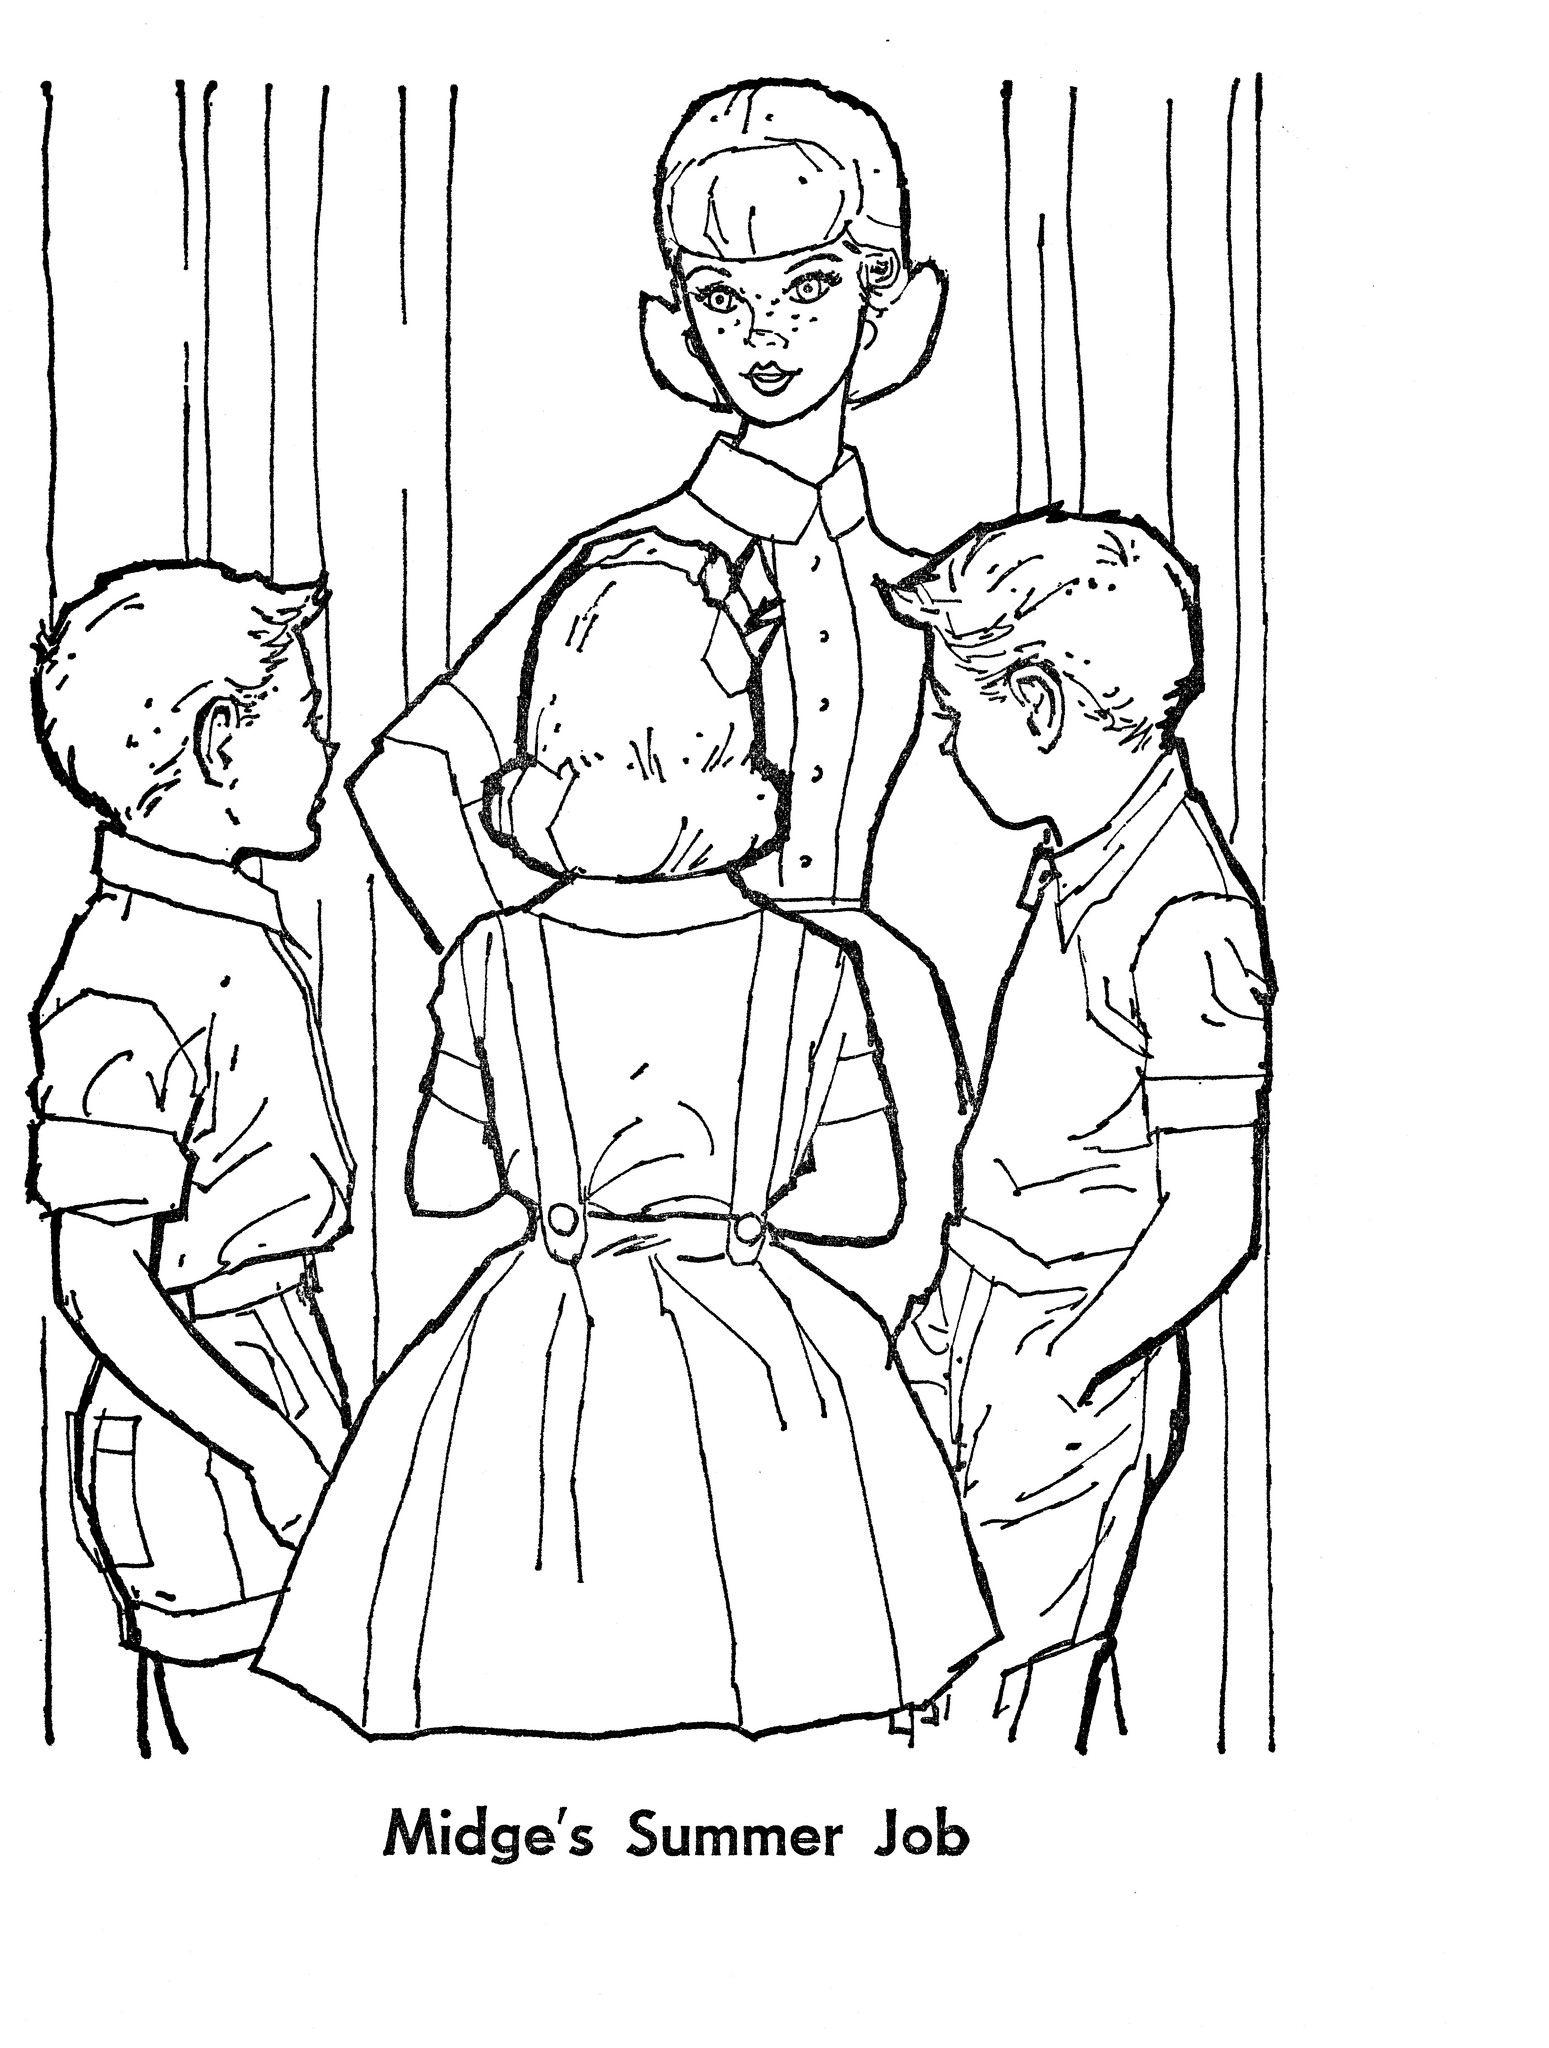 Midges summer job barbie coloring pages princess coloring pages barbie paper dolls mattel